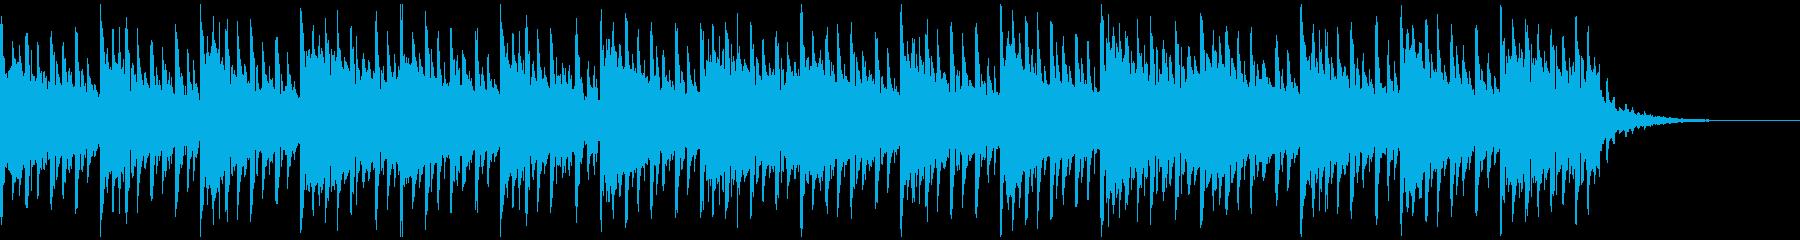 プレゼンテーションテクノロジー(39秒)の再生済みの波形